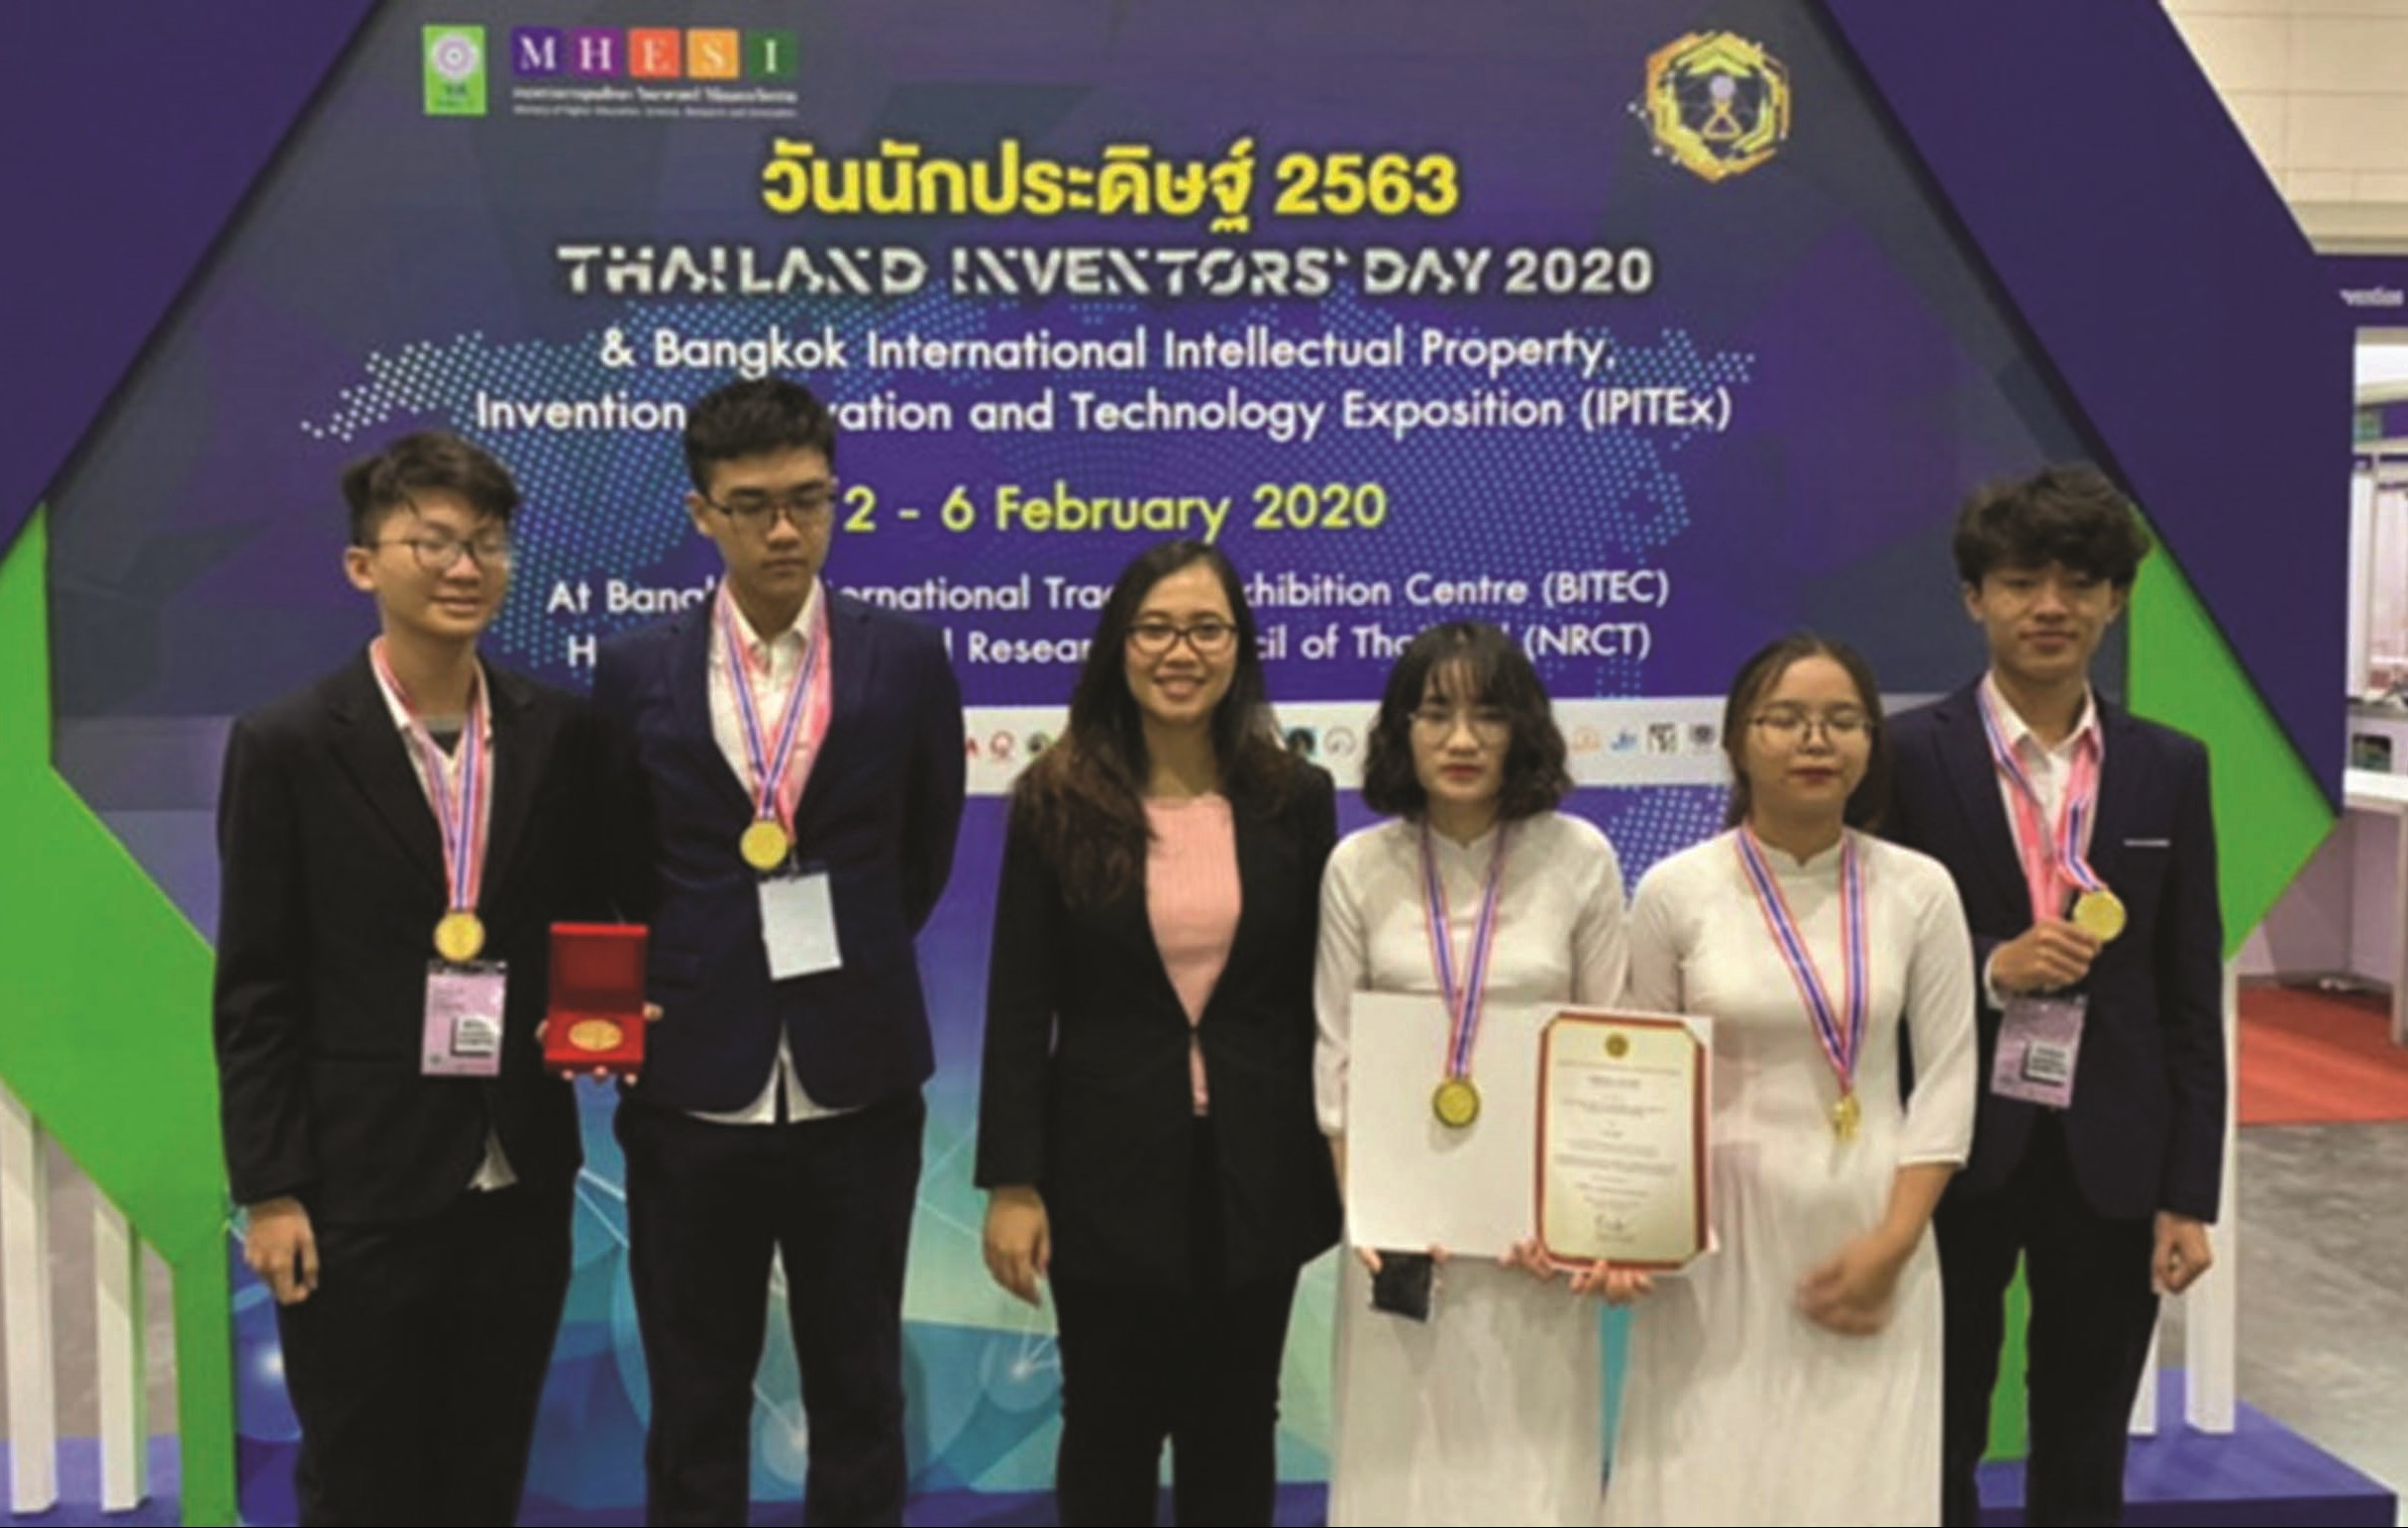 5 học sinh đoạt Giải vàng IPITEx và Giải đặc biệt từ INNOPA